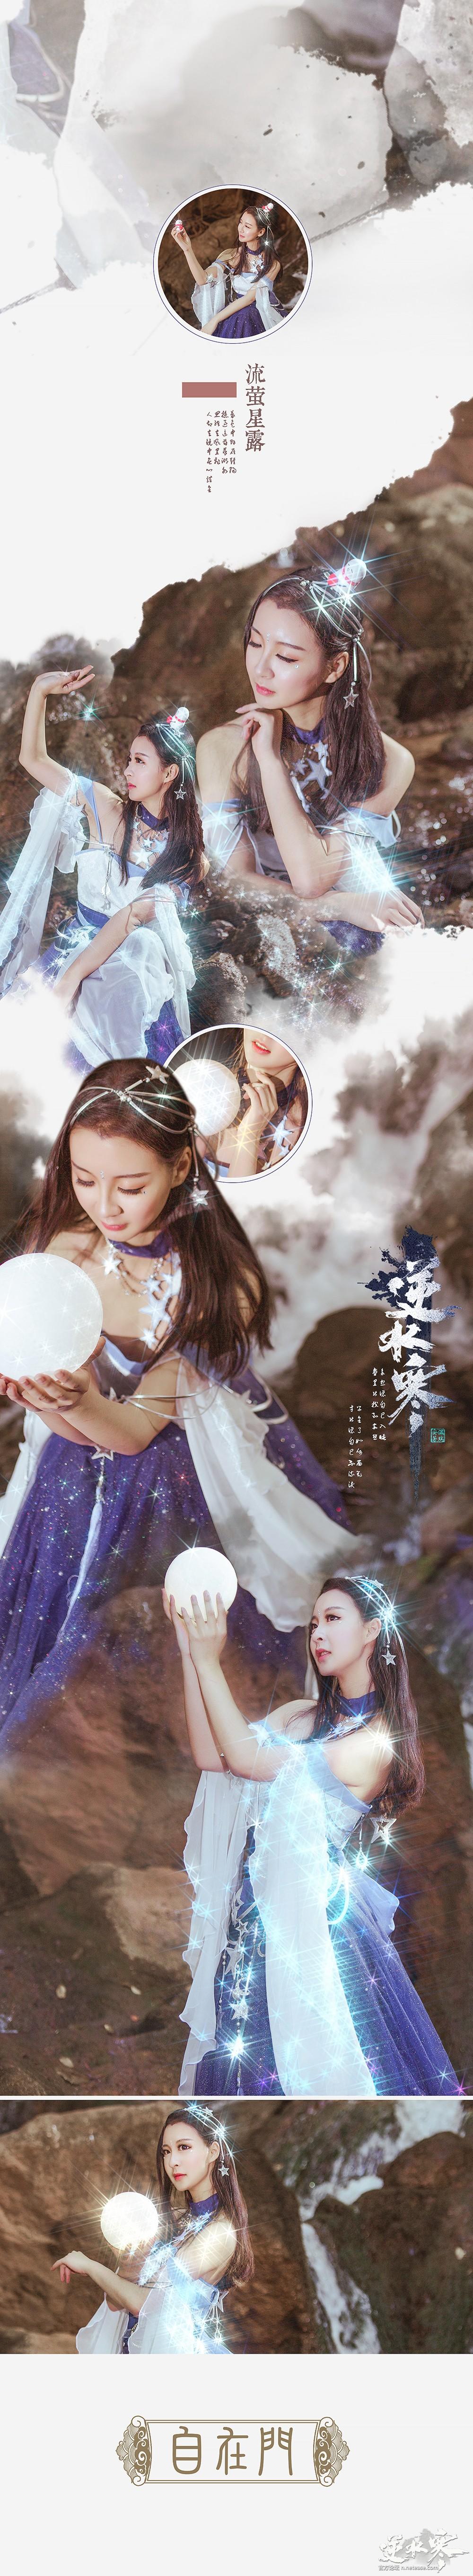 瑶音·流萤星露cosplay·新年快乐【自在门】